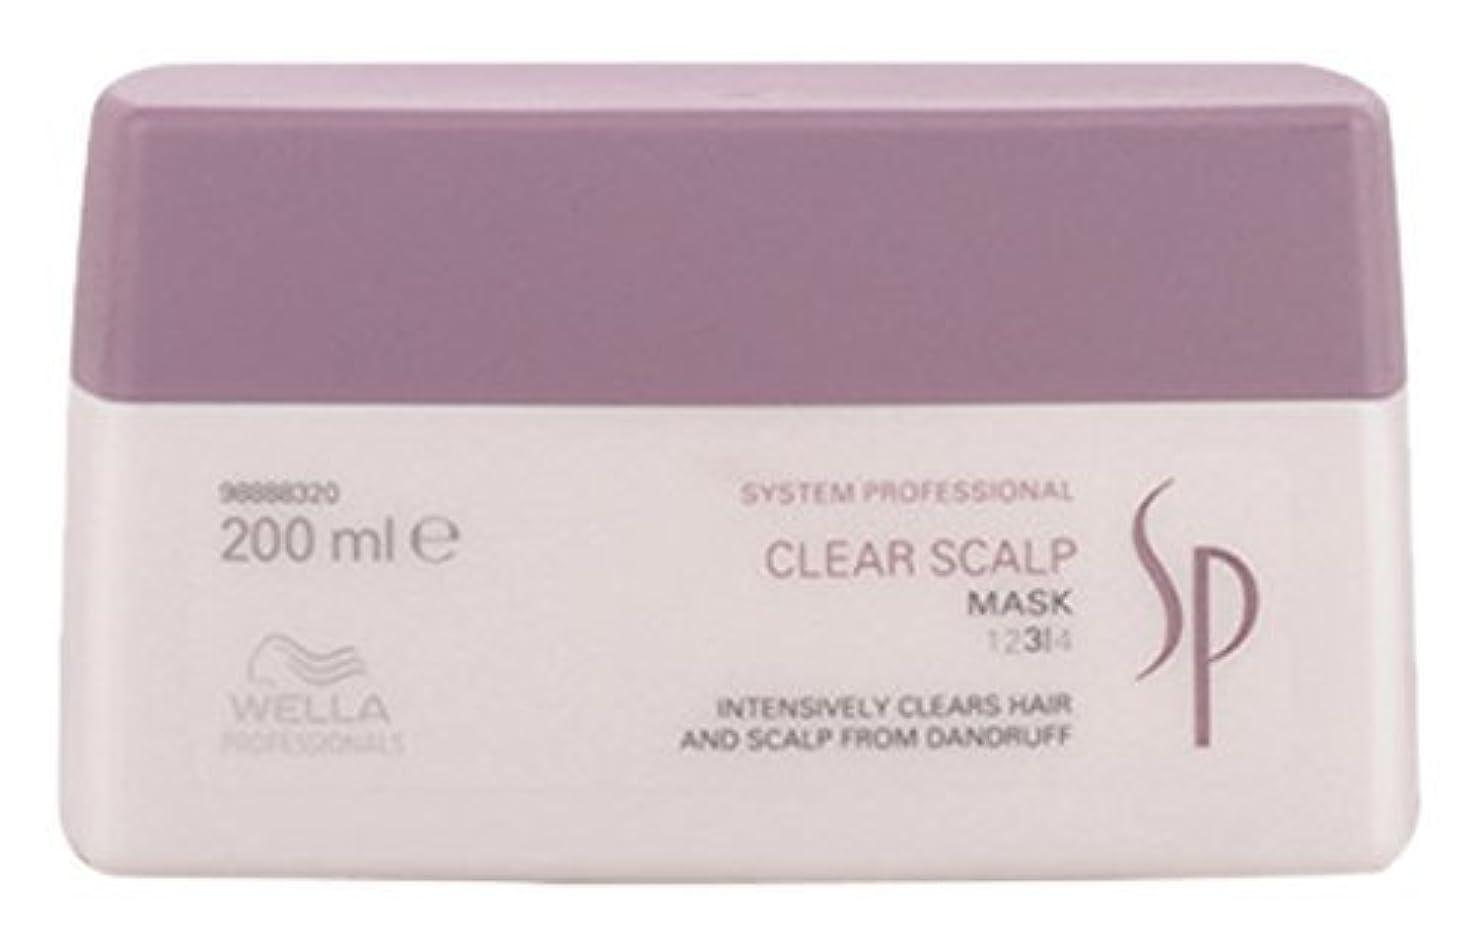 パイメール紛争Wella SP Clear Scalp Mask ウエラ SP クリアスカルプマスク 200ml [並行輸入品]